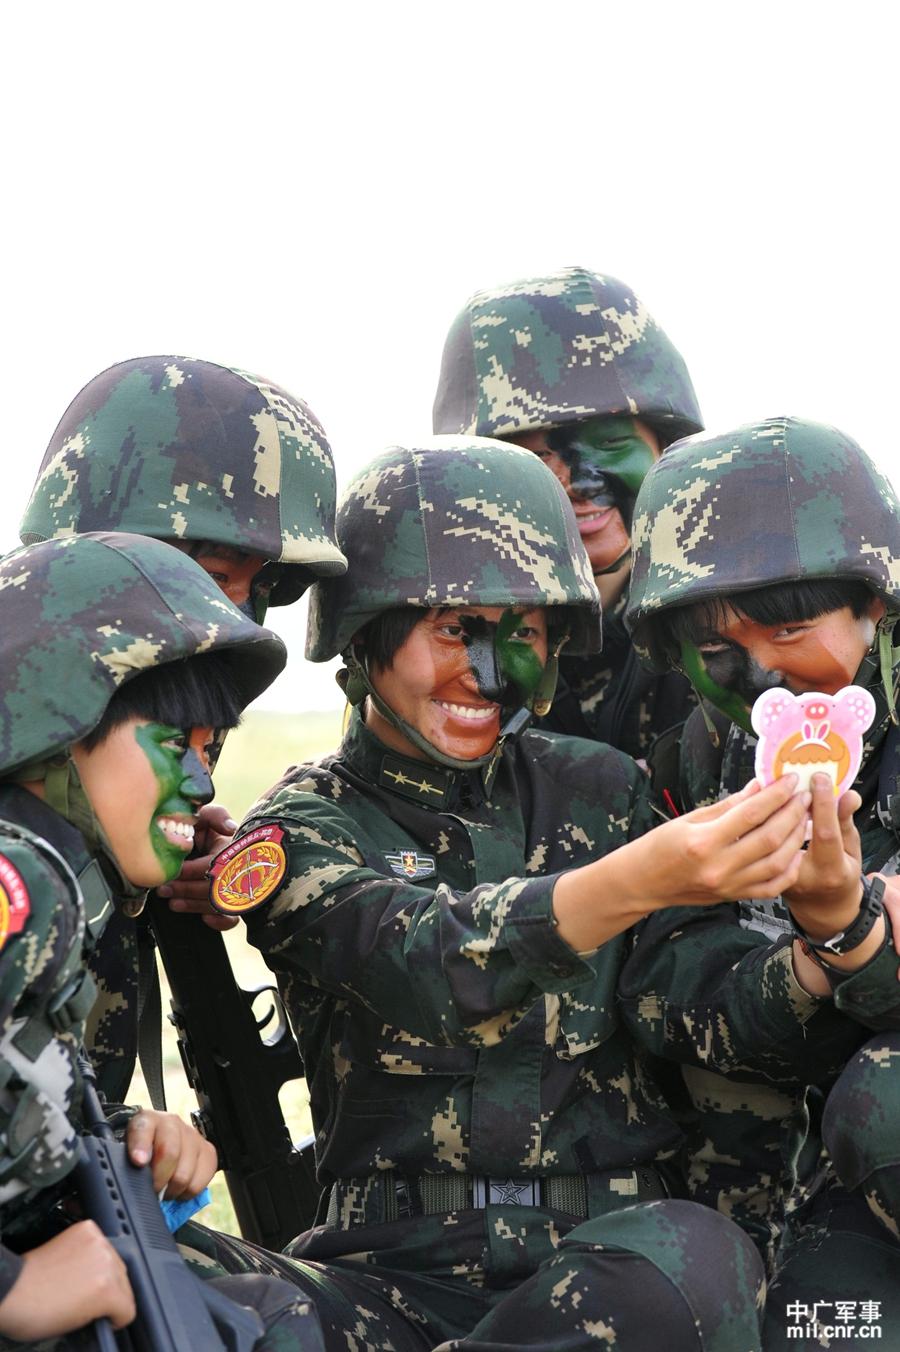 社会资讯_三八妇女节特辑:中国女兵不再是文艺兵和护士_军事_环球网